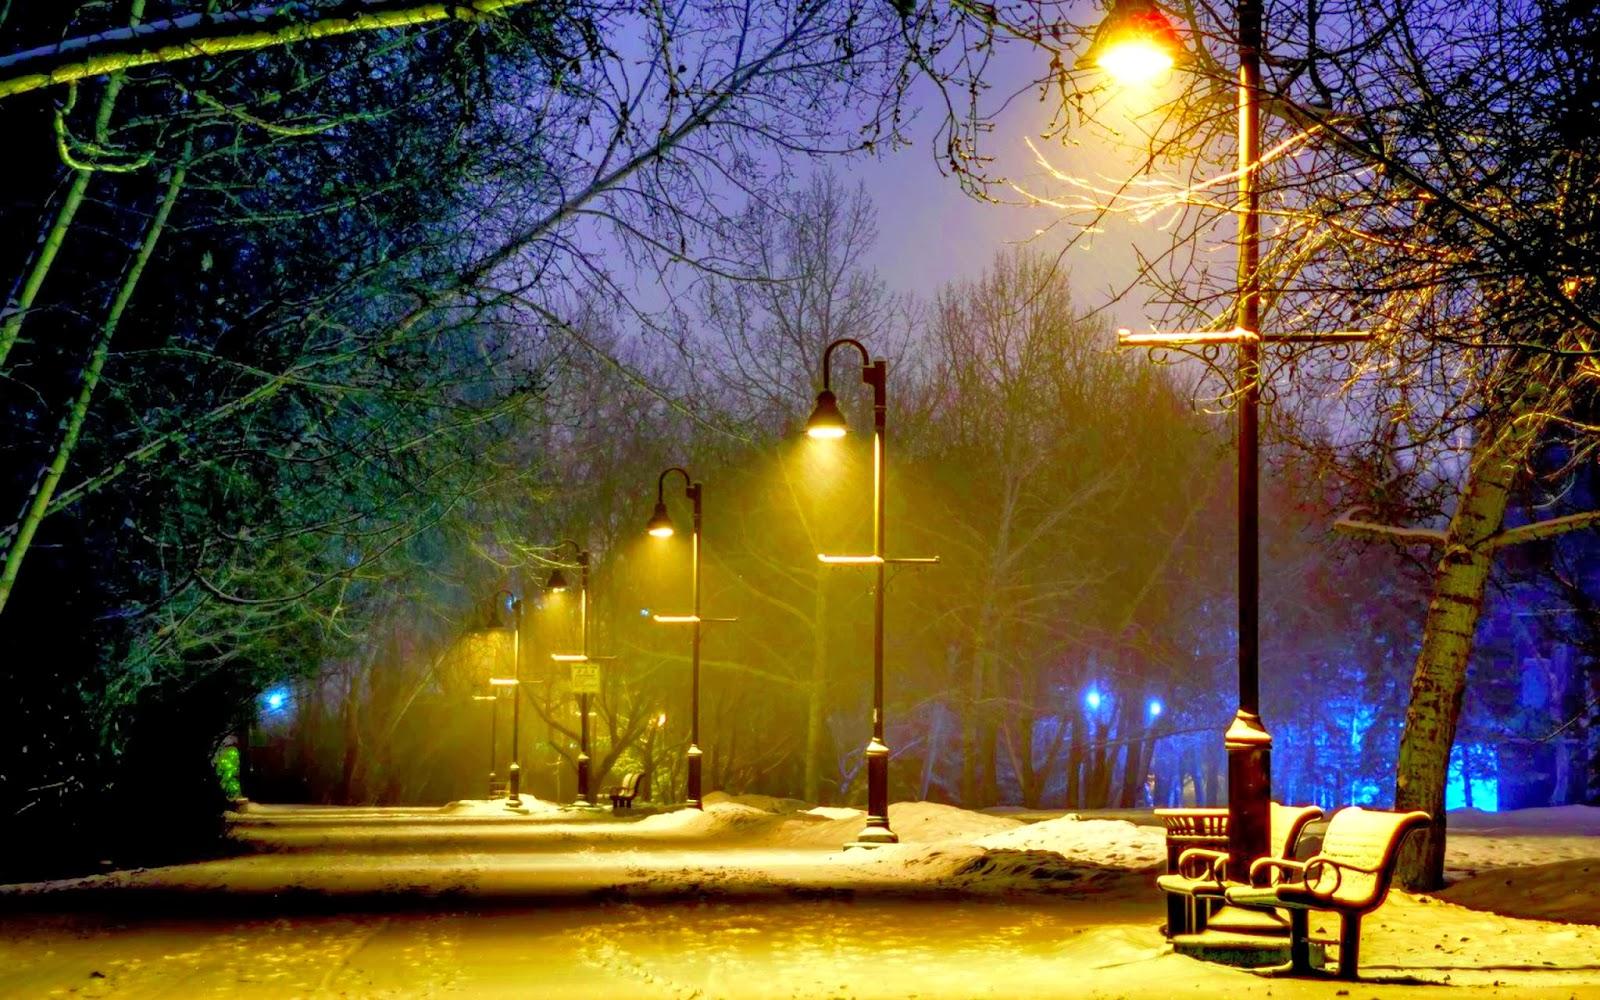 Missing beats of life winter season at night hd wallpaper - Night light hd wallpaper ...